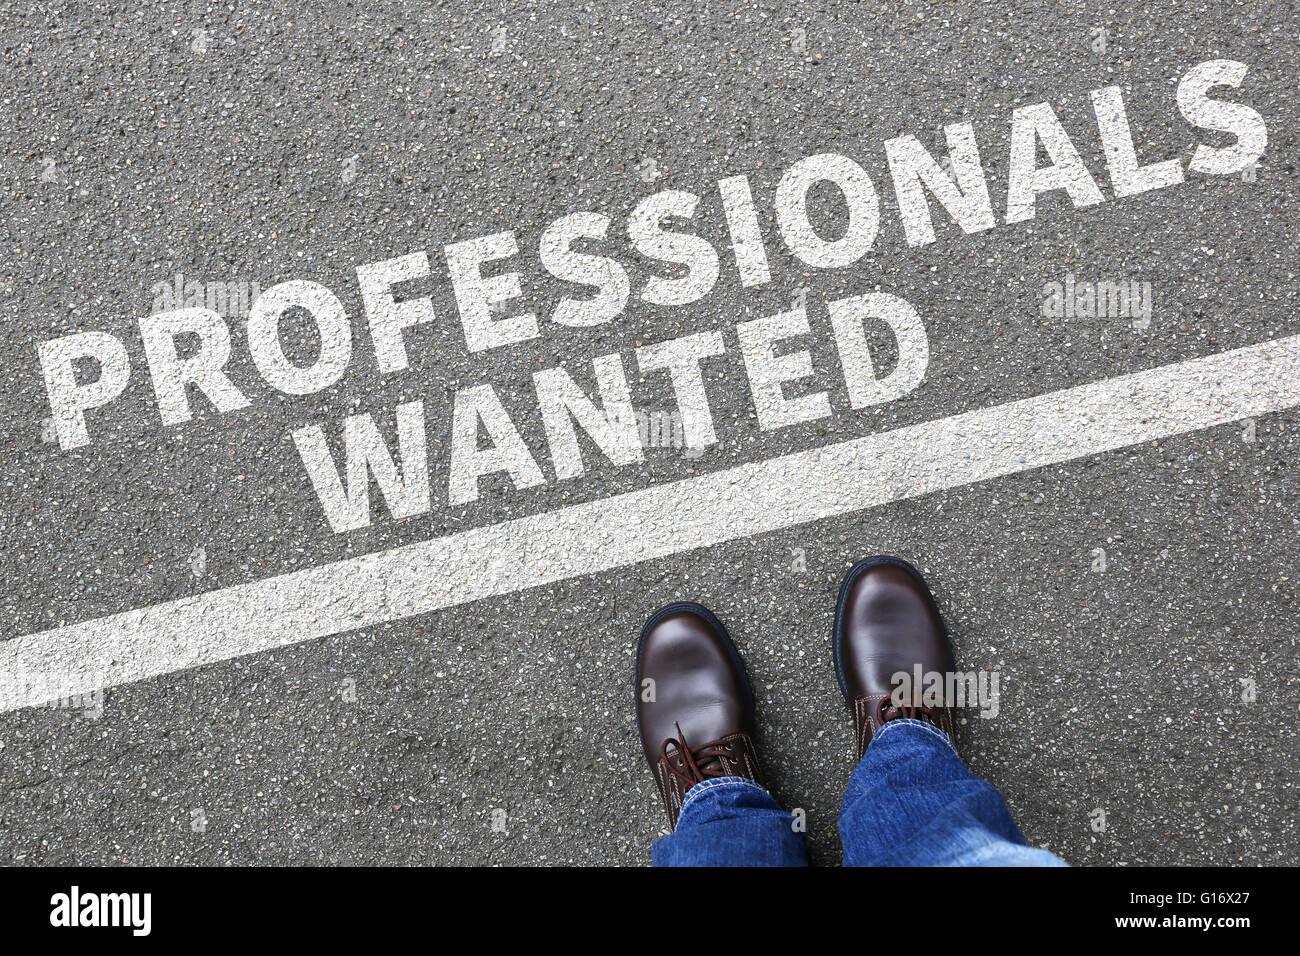 Professionisti ha voluto processi, processo di lavoro professionale assunzione dipendenti concetto aziendale carriera Immagini Stock